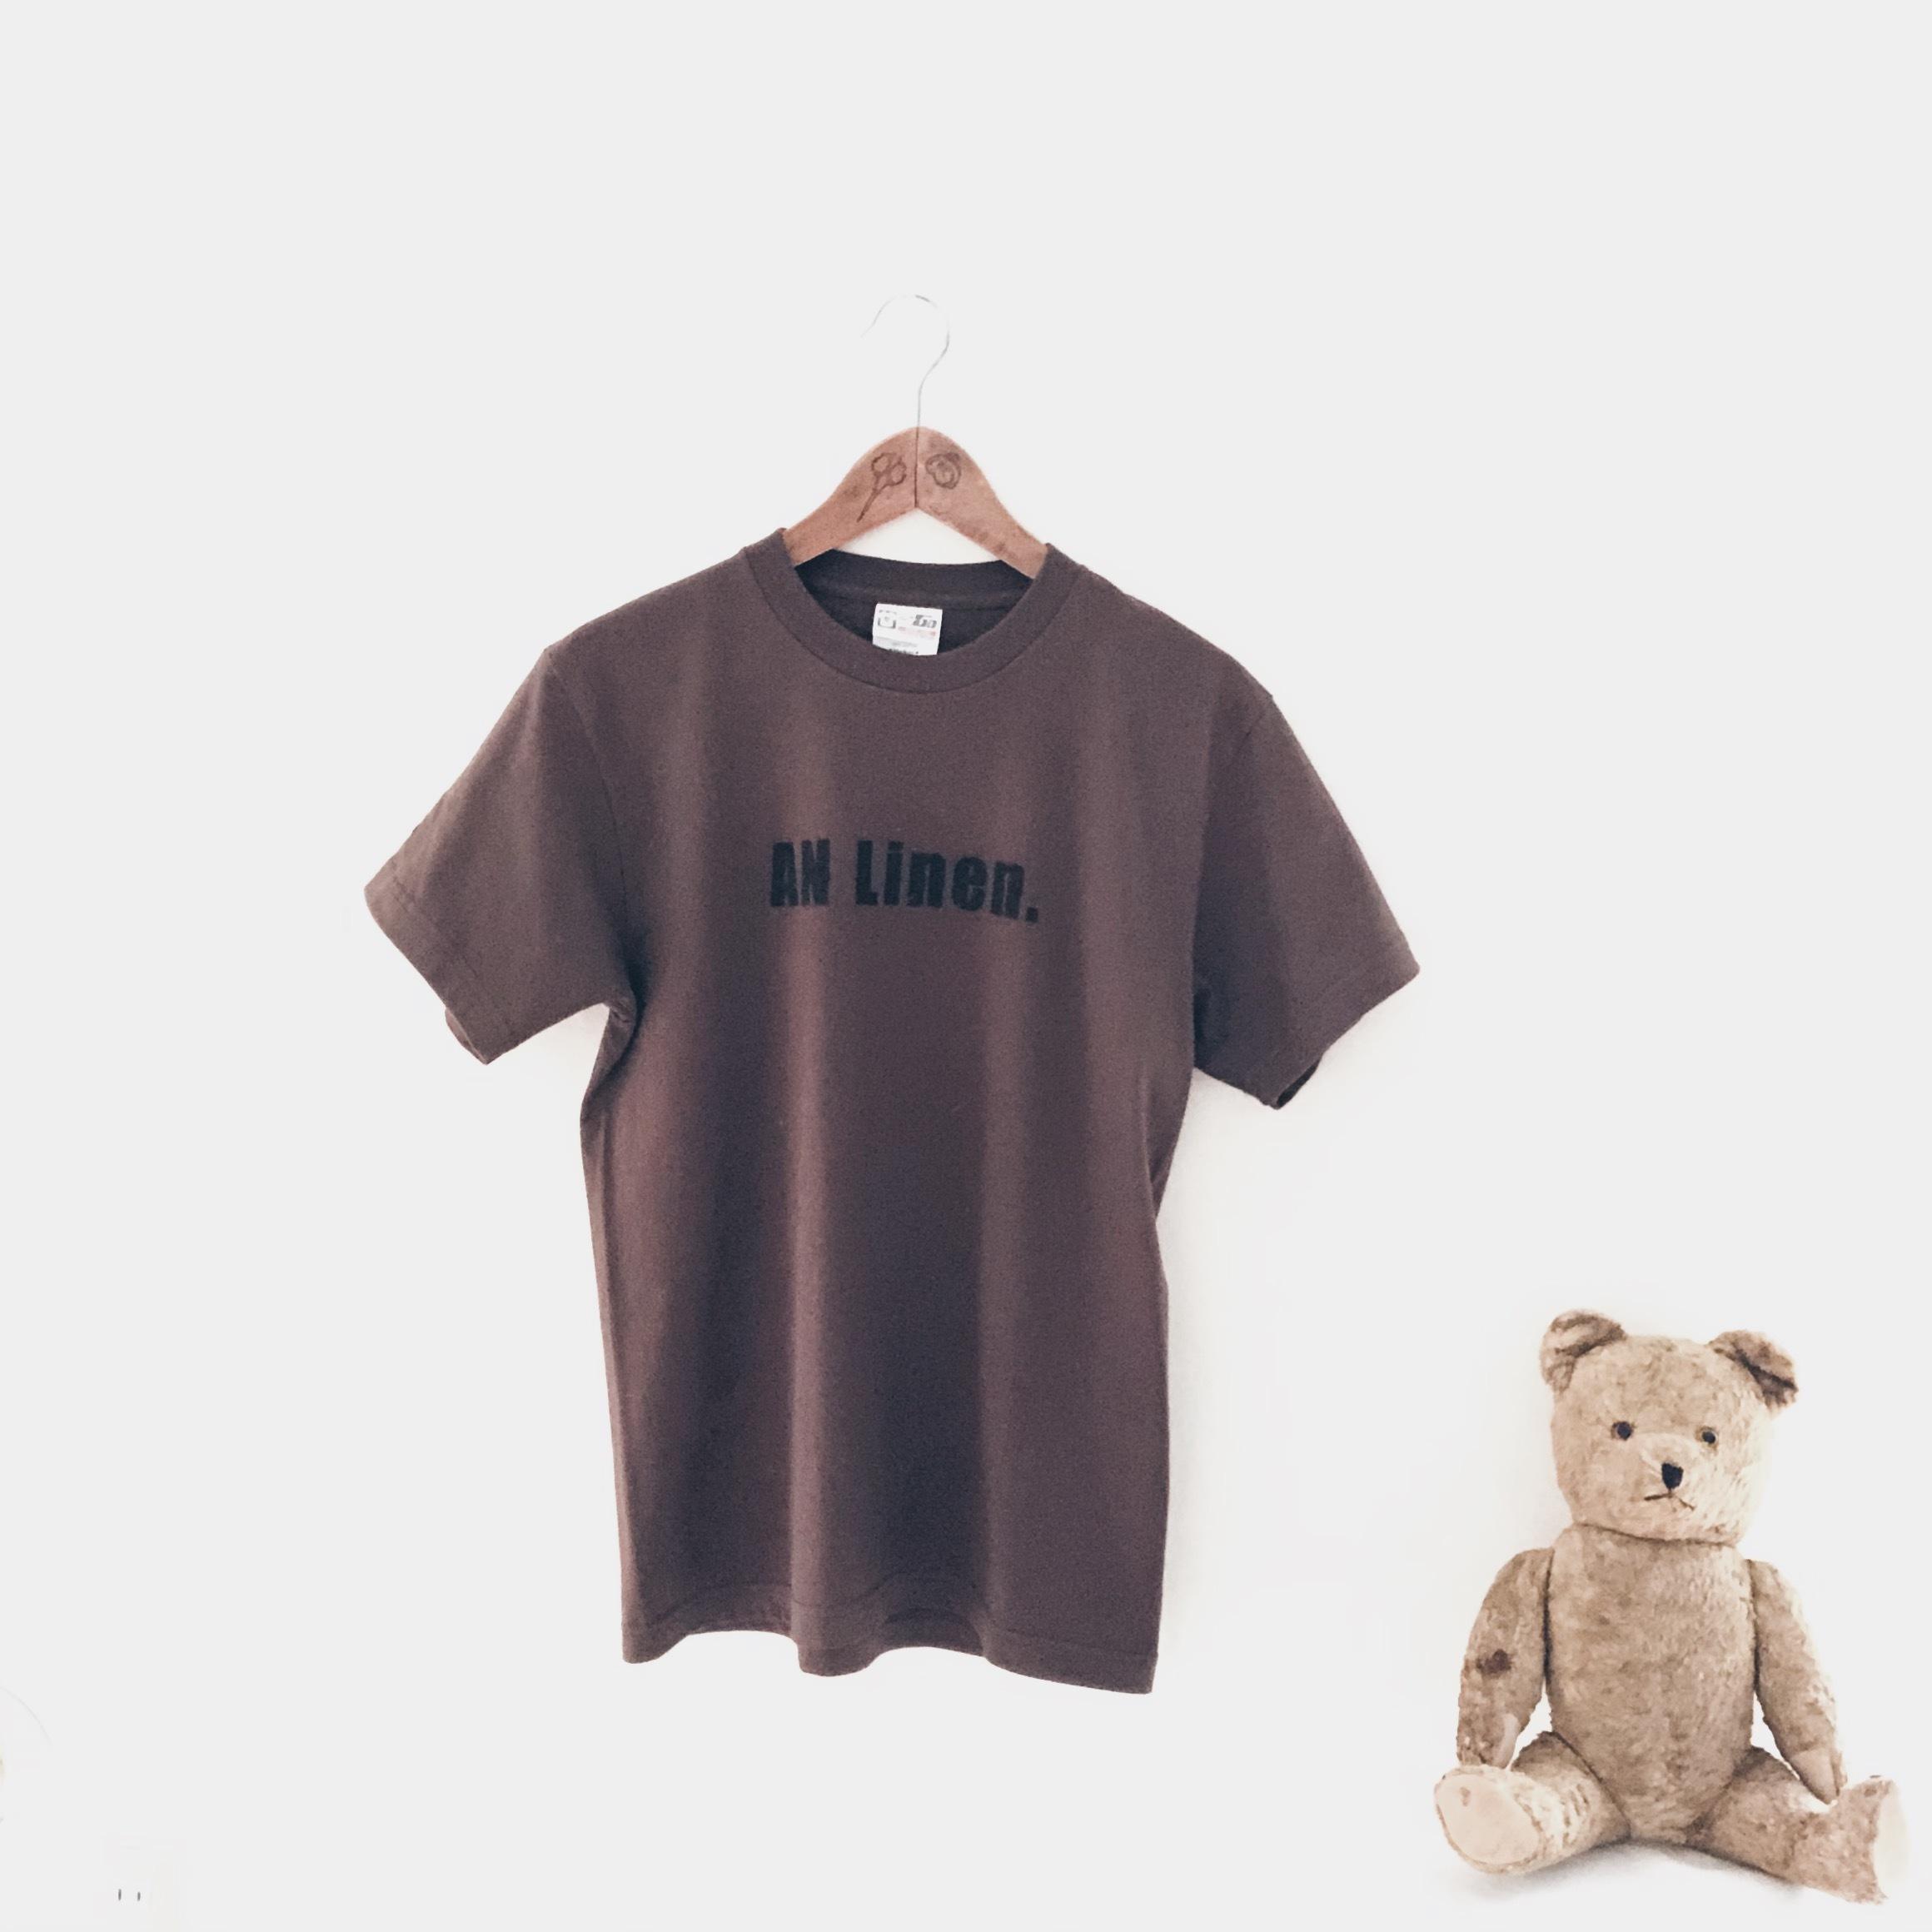 AN Linen.ロゴTシャツ販売のお知らせ_a0389638_23443391.jpeg